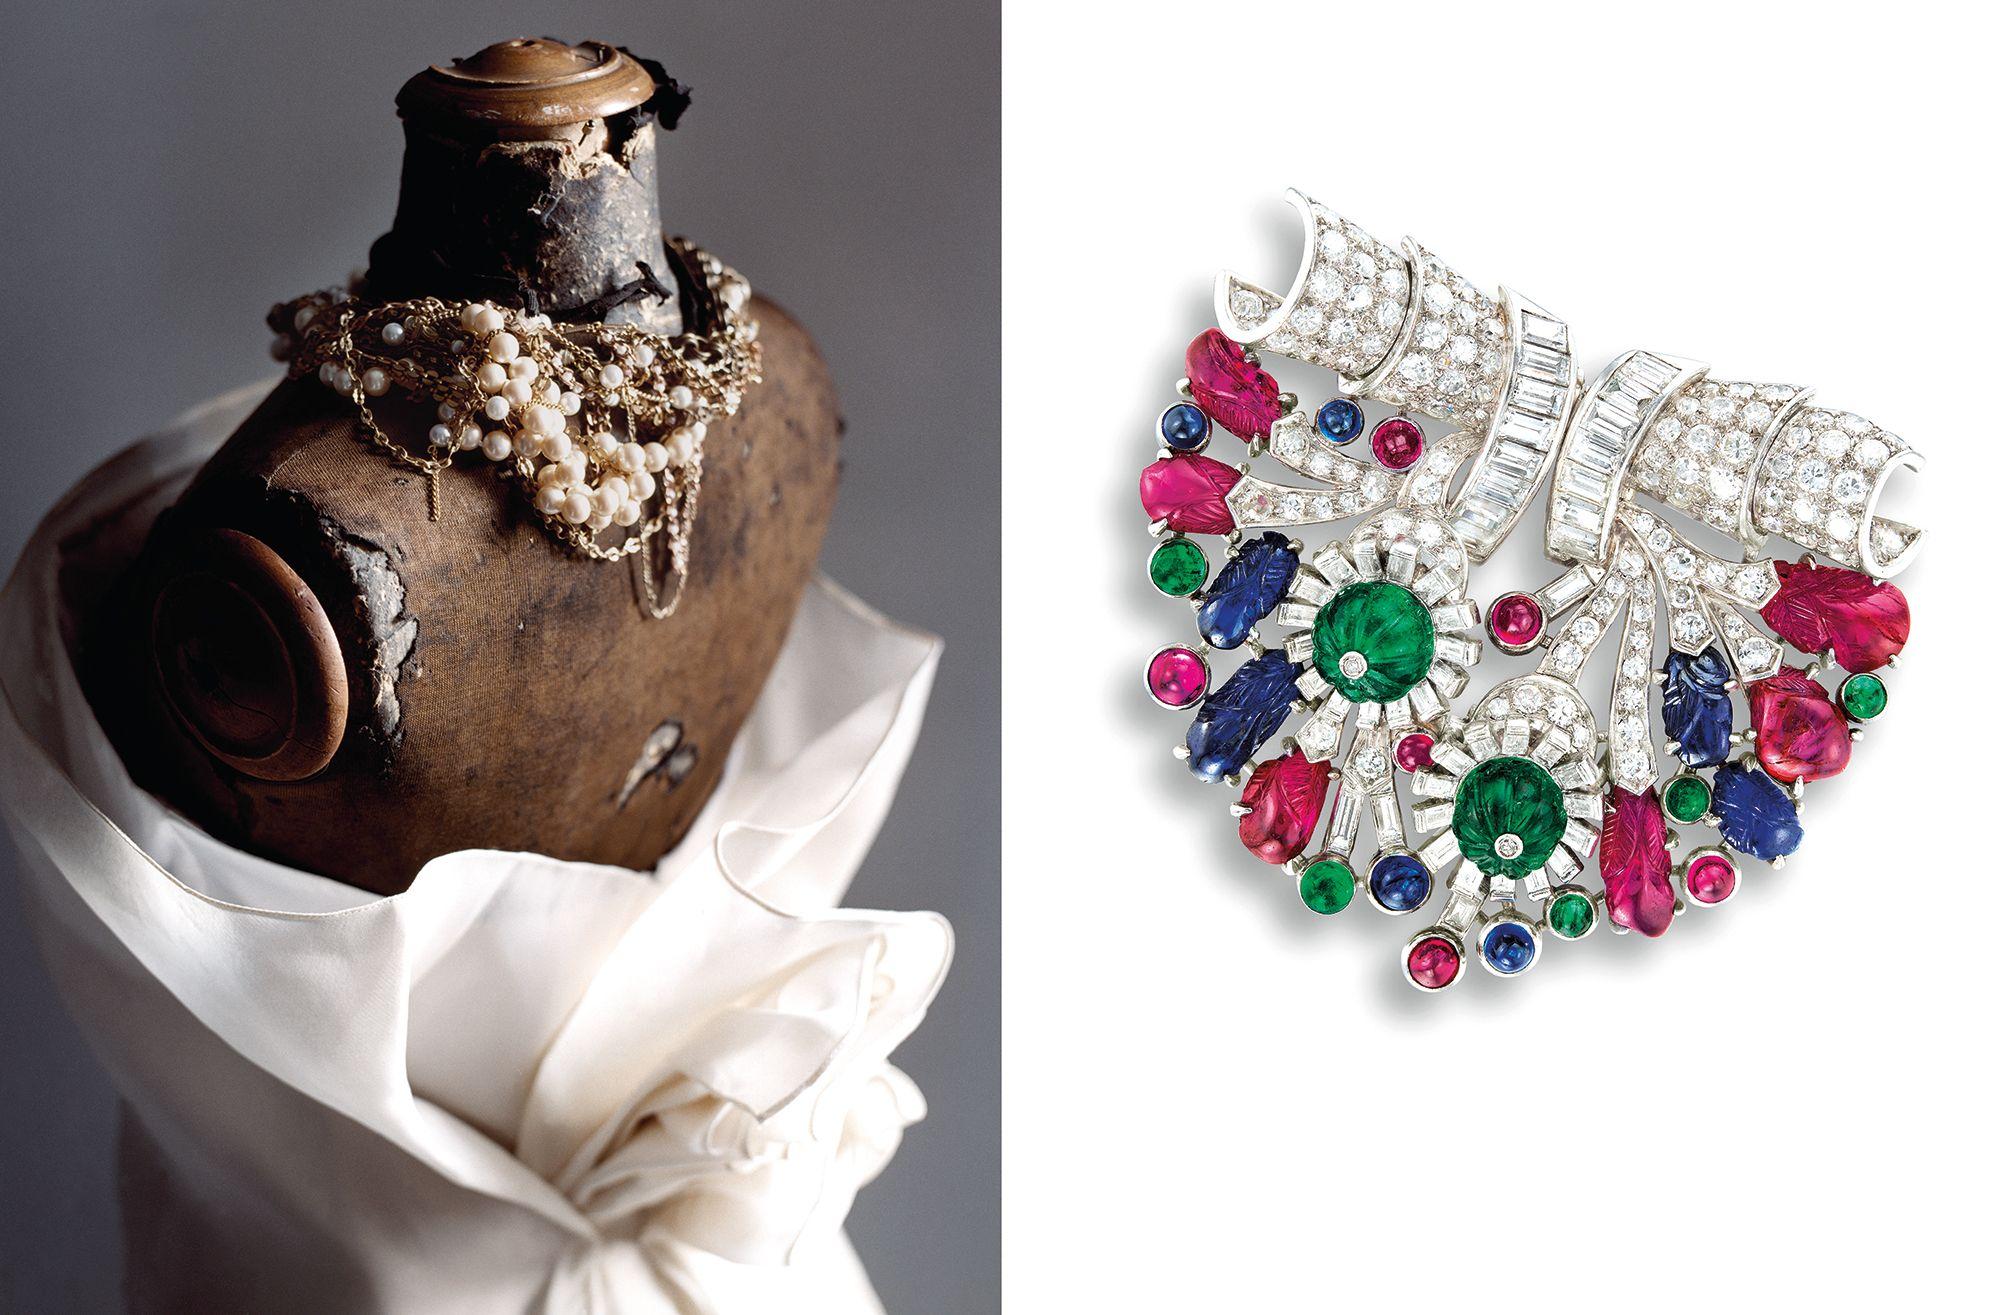 亞洲掀起古董珠寶收藏風潮!專家為你解析古董珠寶價格飆升的背後原因